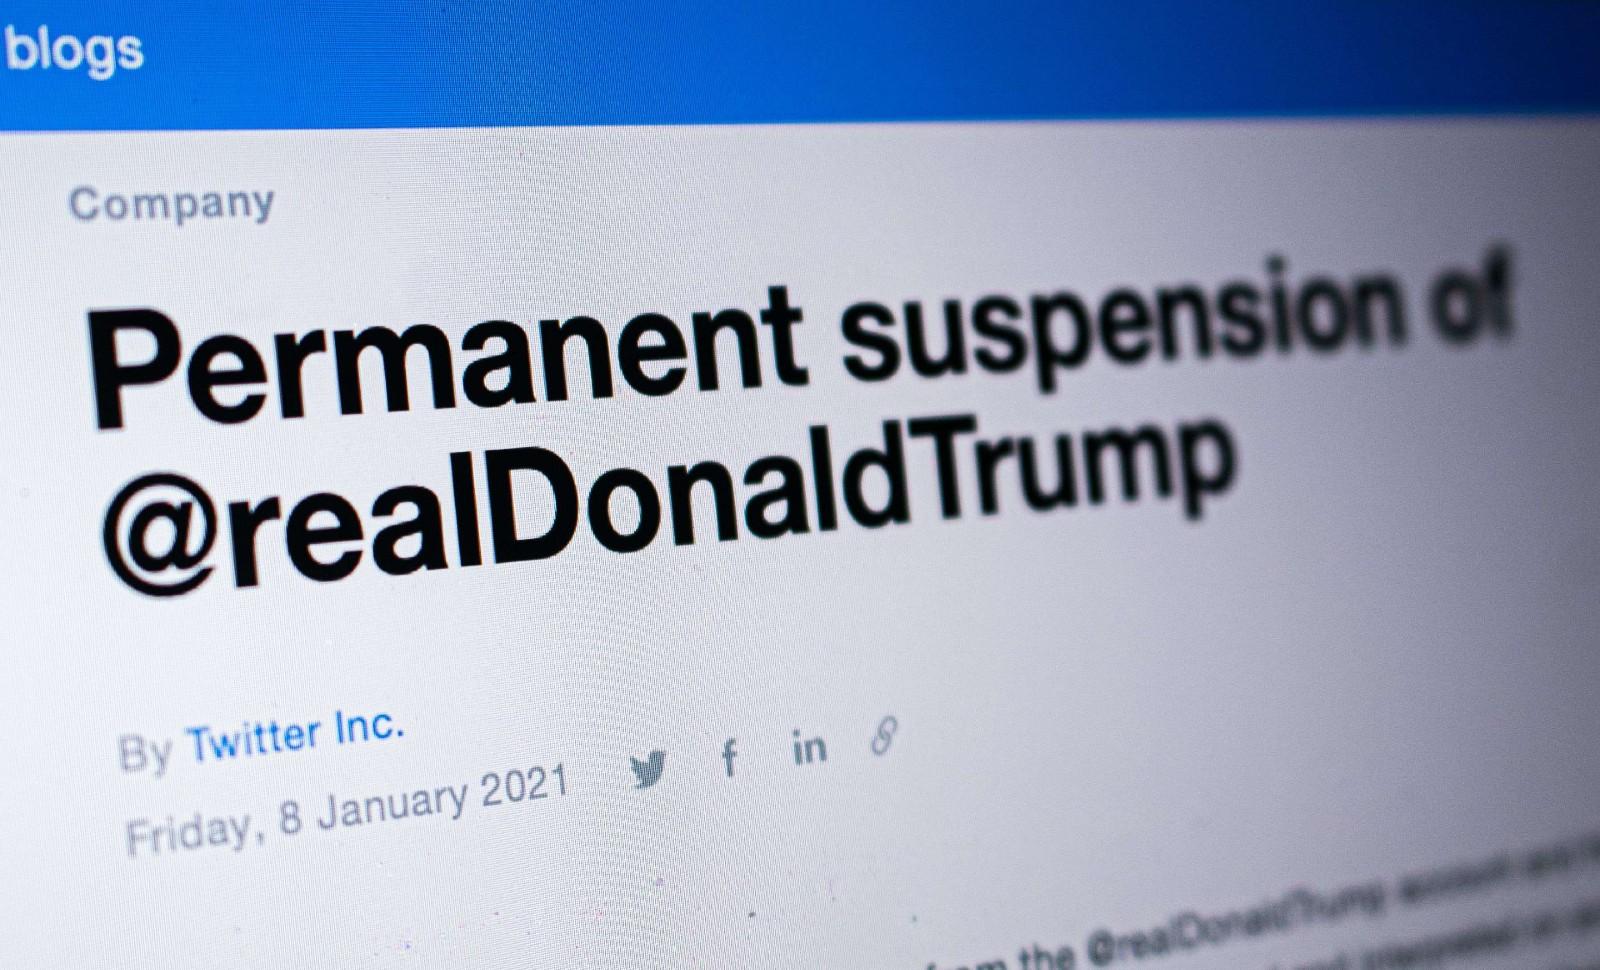 Le site Twitter a suspendu le compte de Donald Trump © Amer Ghazzal/Shutterstock/SIPA Numéro de reportage : Shutterstock40817988_000004